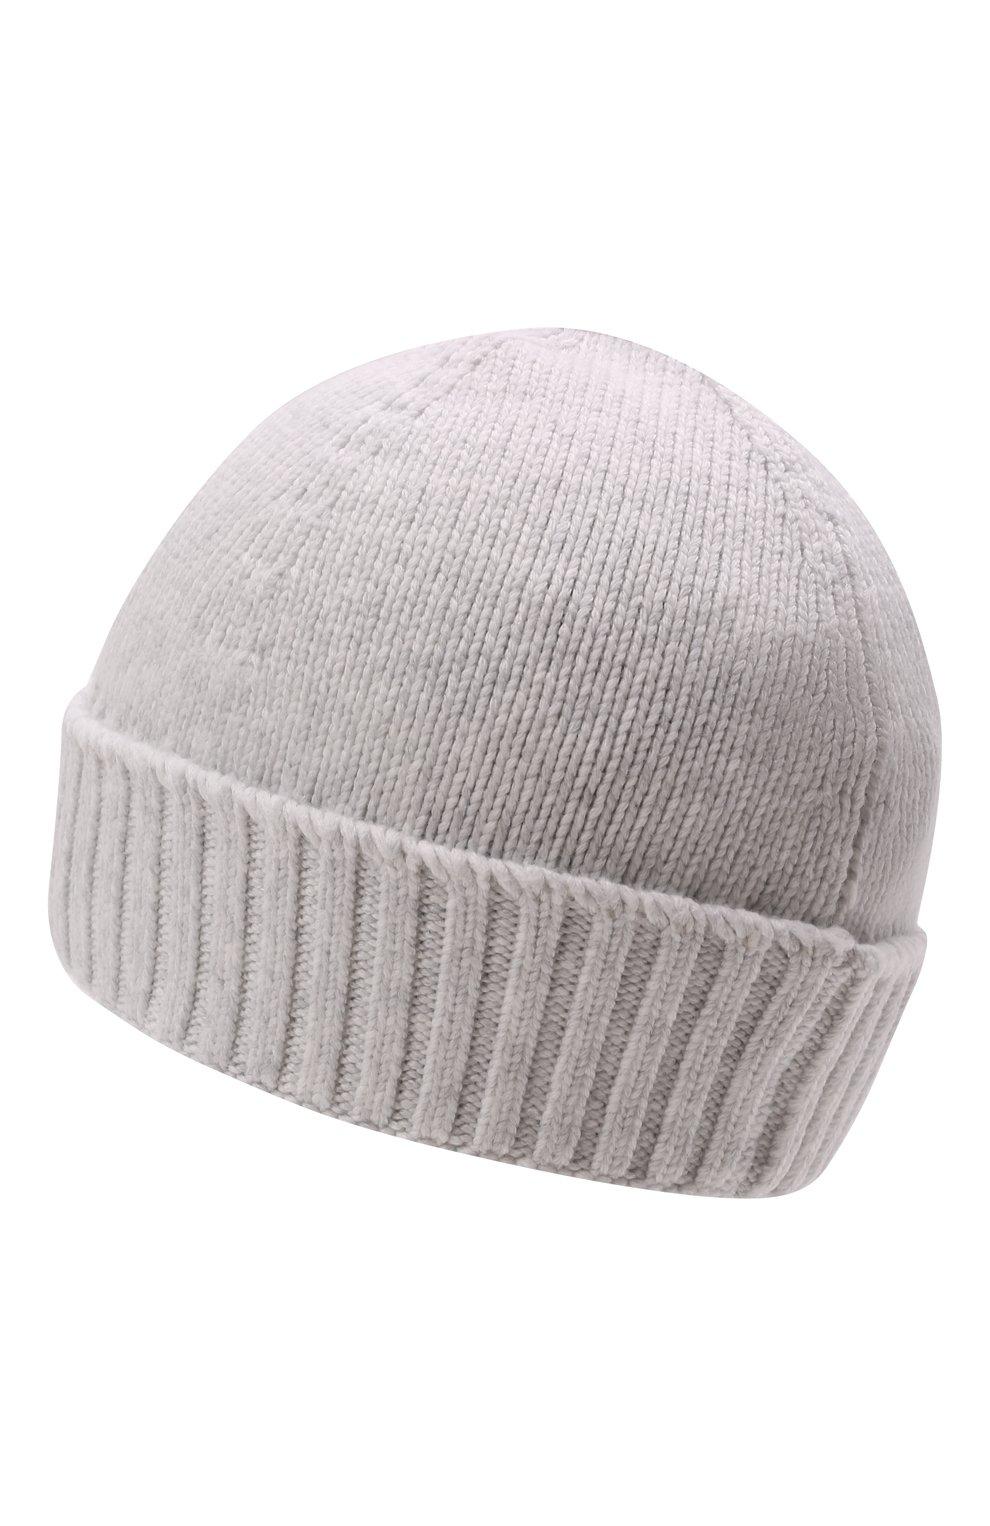 Детского хлопковая шапка STONE ISLAND светло-серого цвета, арт. 7516N04A9   Фото 2 (Материал: Текстиль, Хлопок)